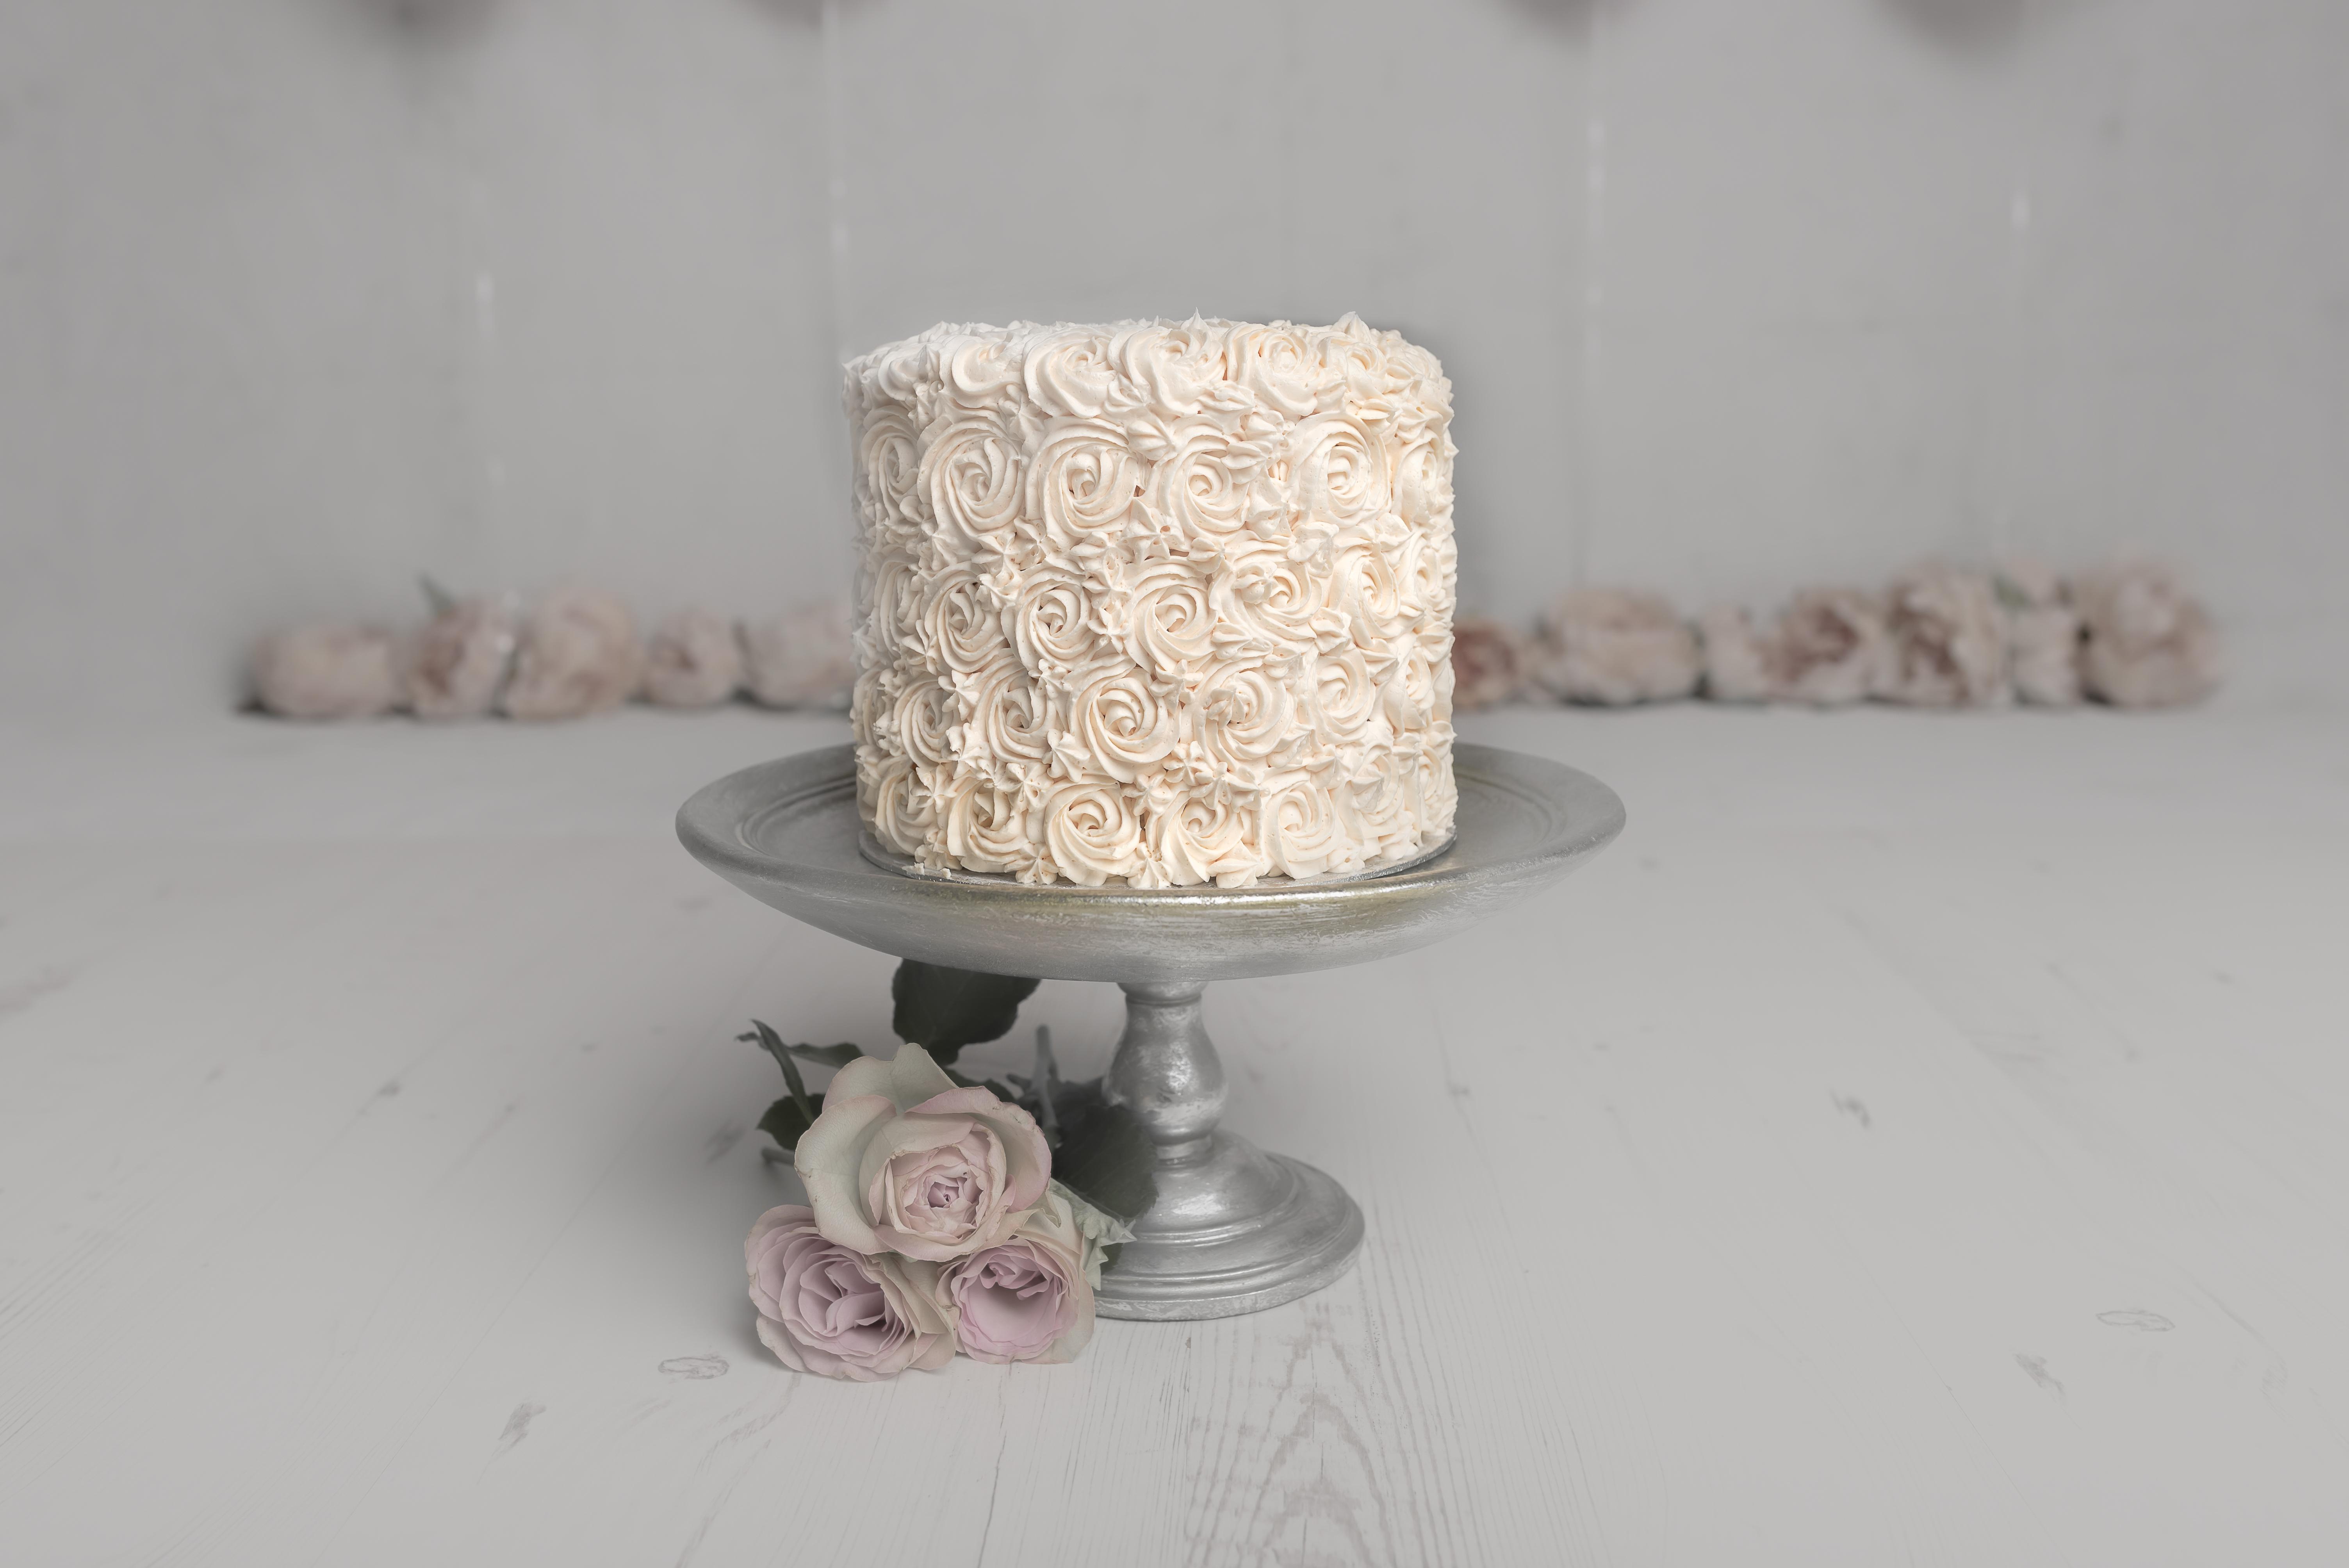 Rose Style Cake